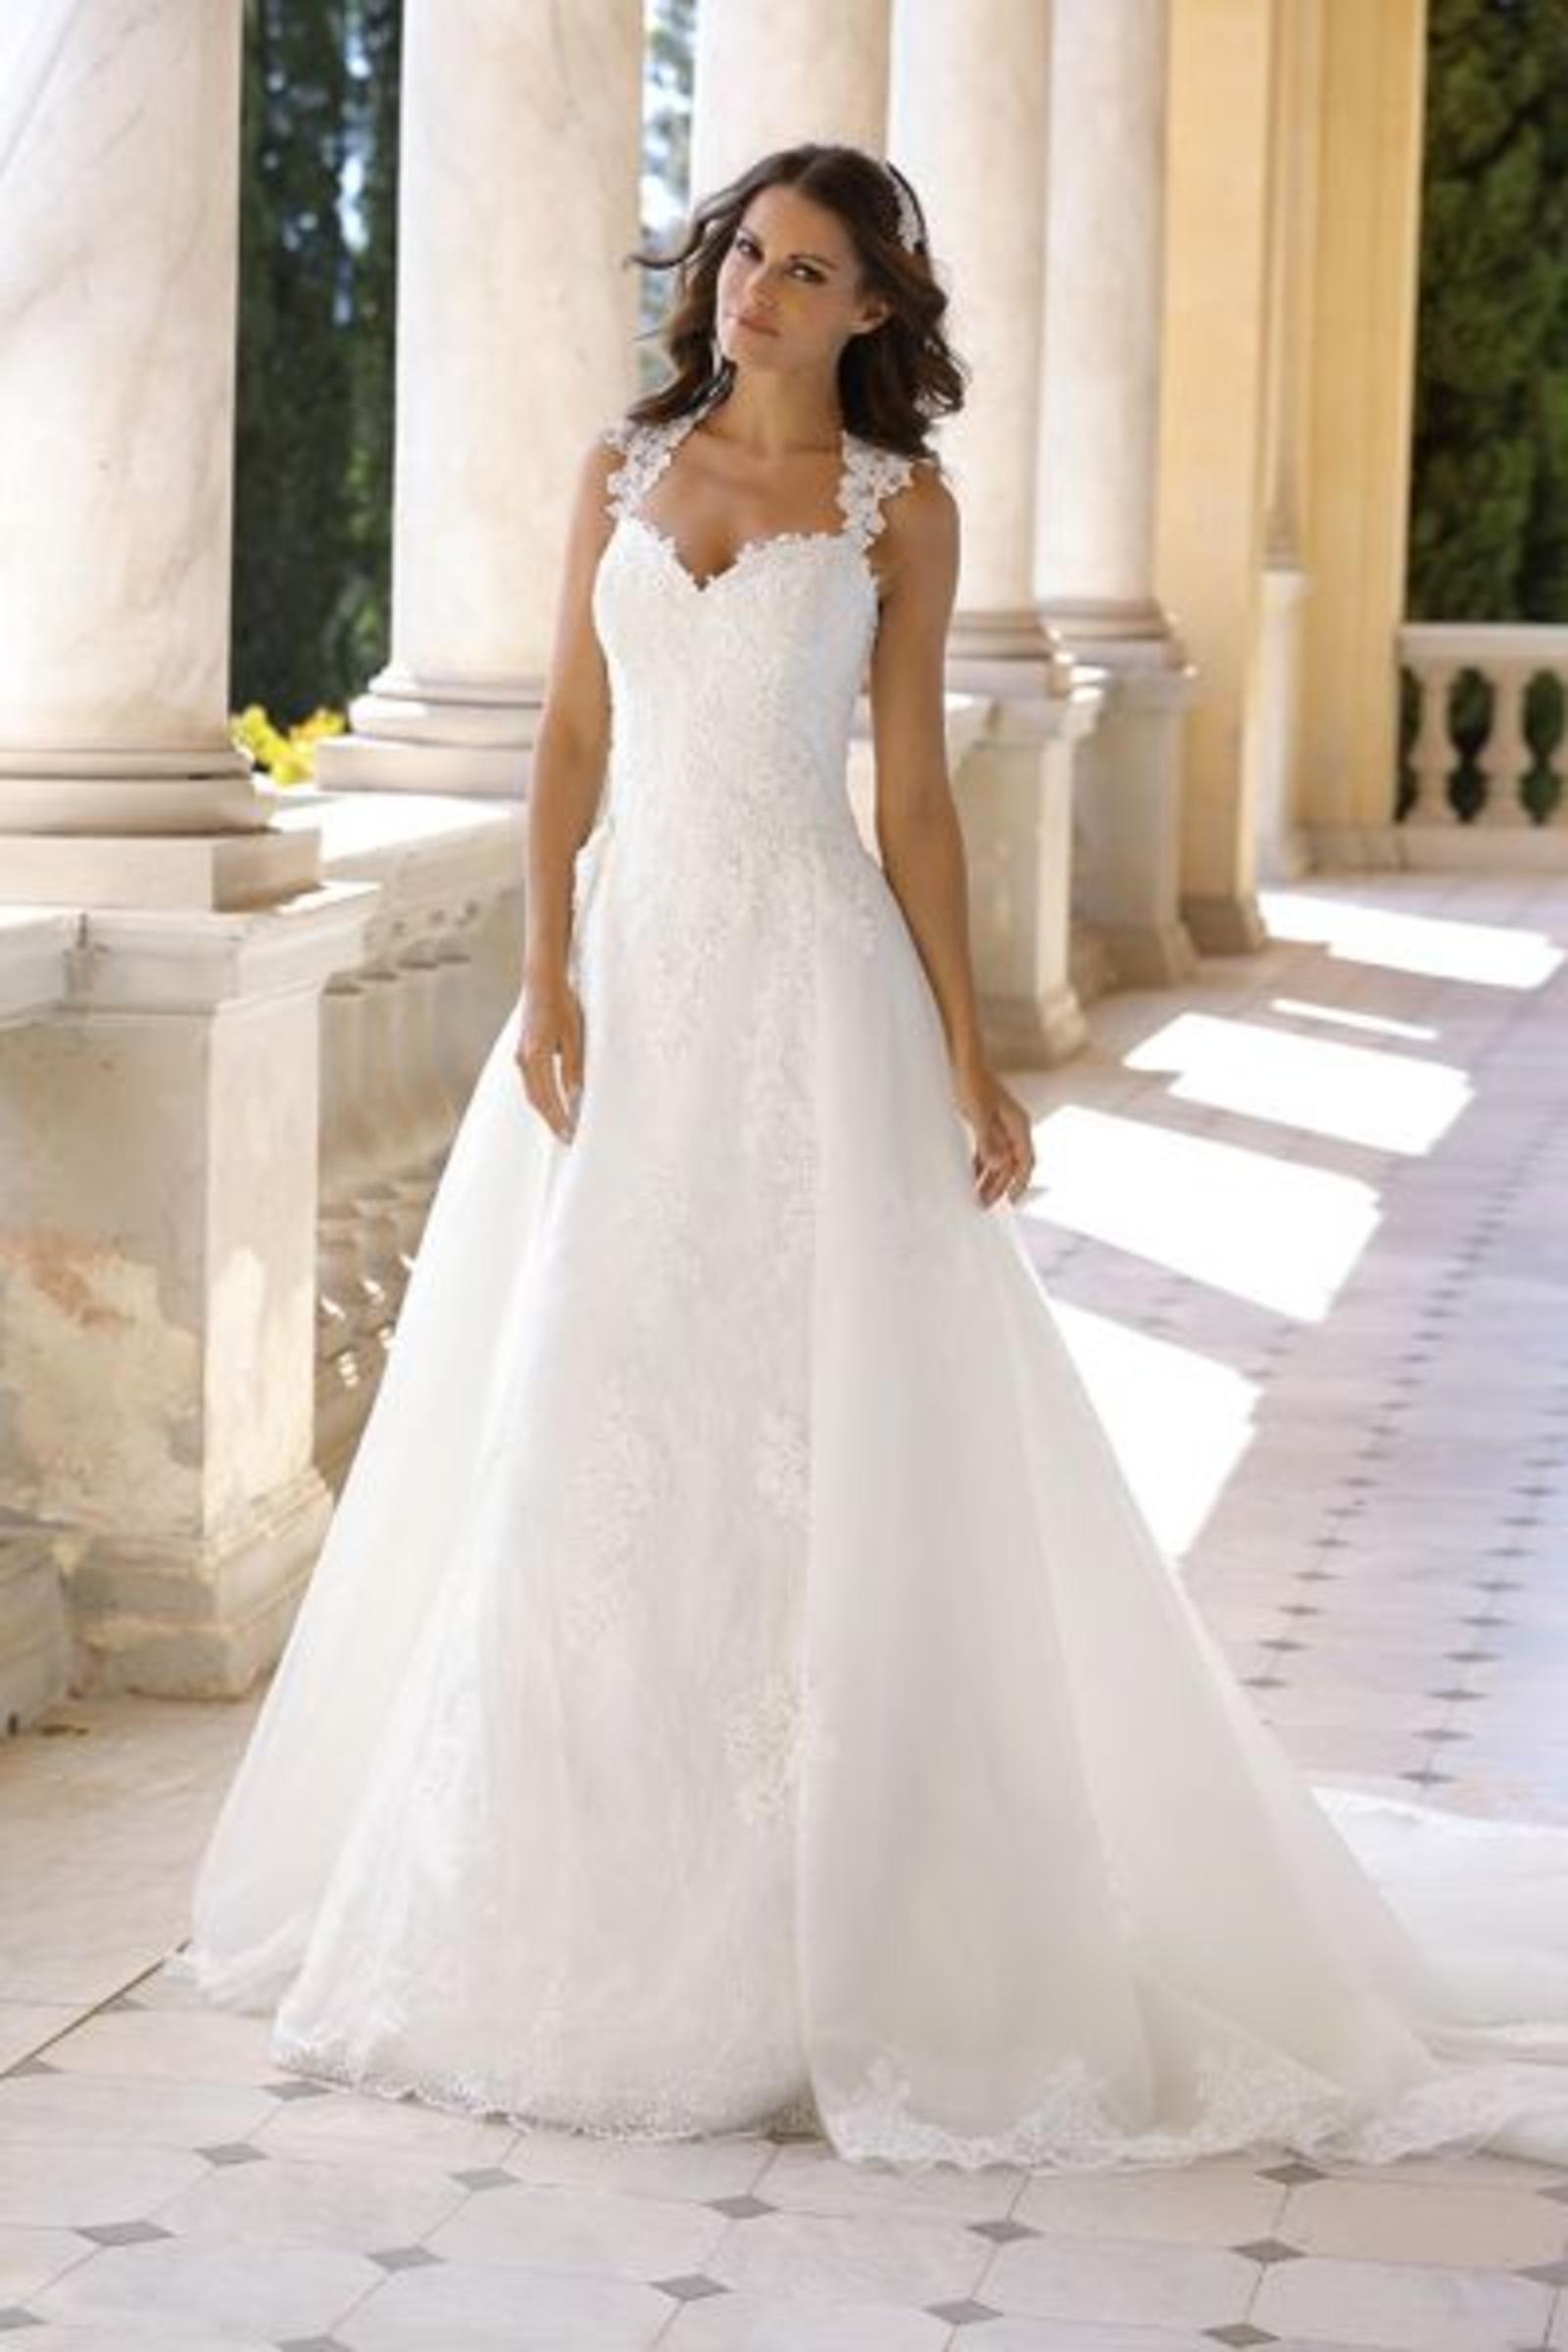 Erfreut Hochzeitskleider Dallas Galerie - Brautkleider Ideen ...